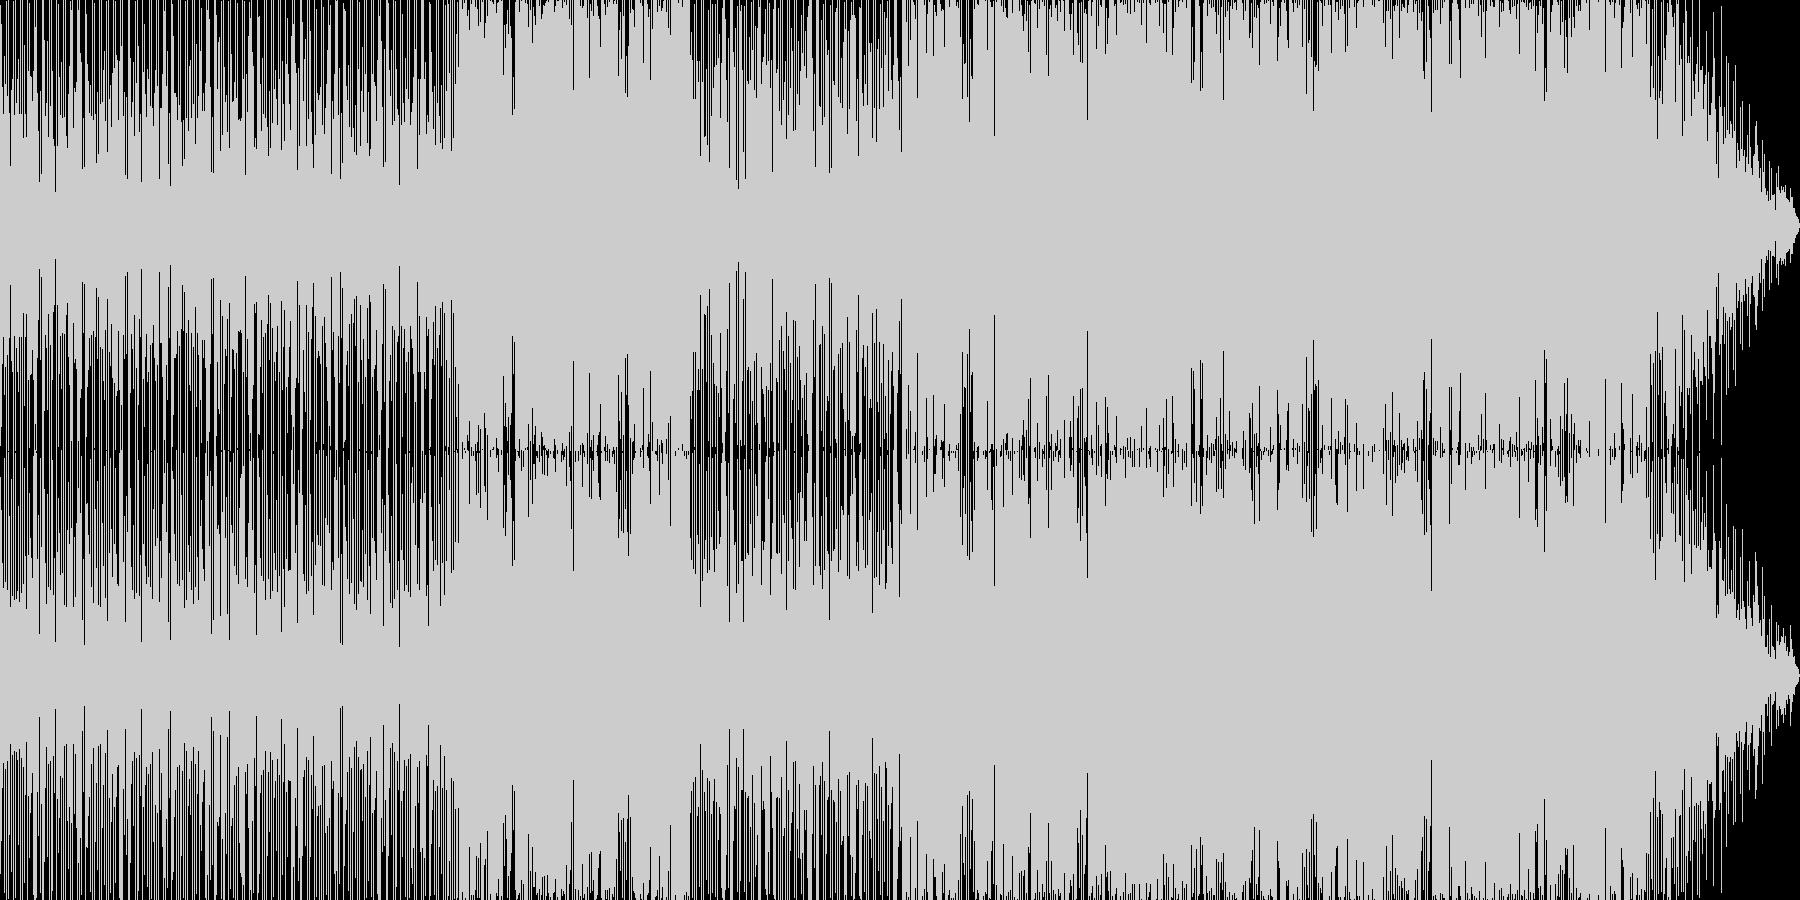 グルーヴィーで大人っぽいムード楽曲の未再生の波形